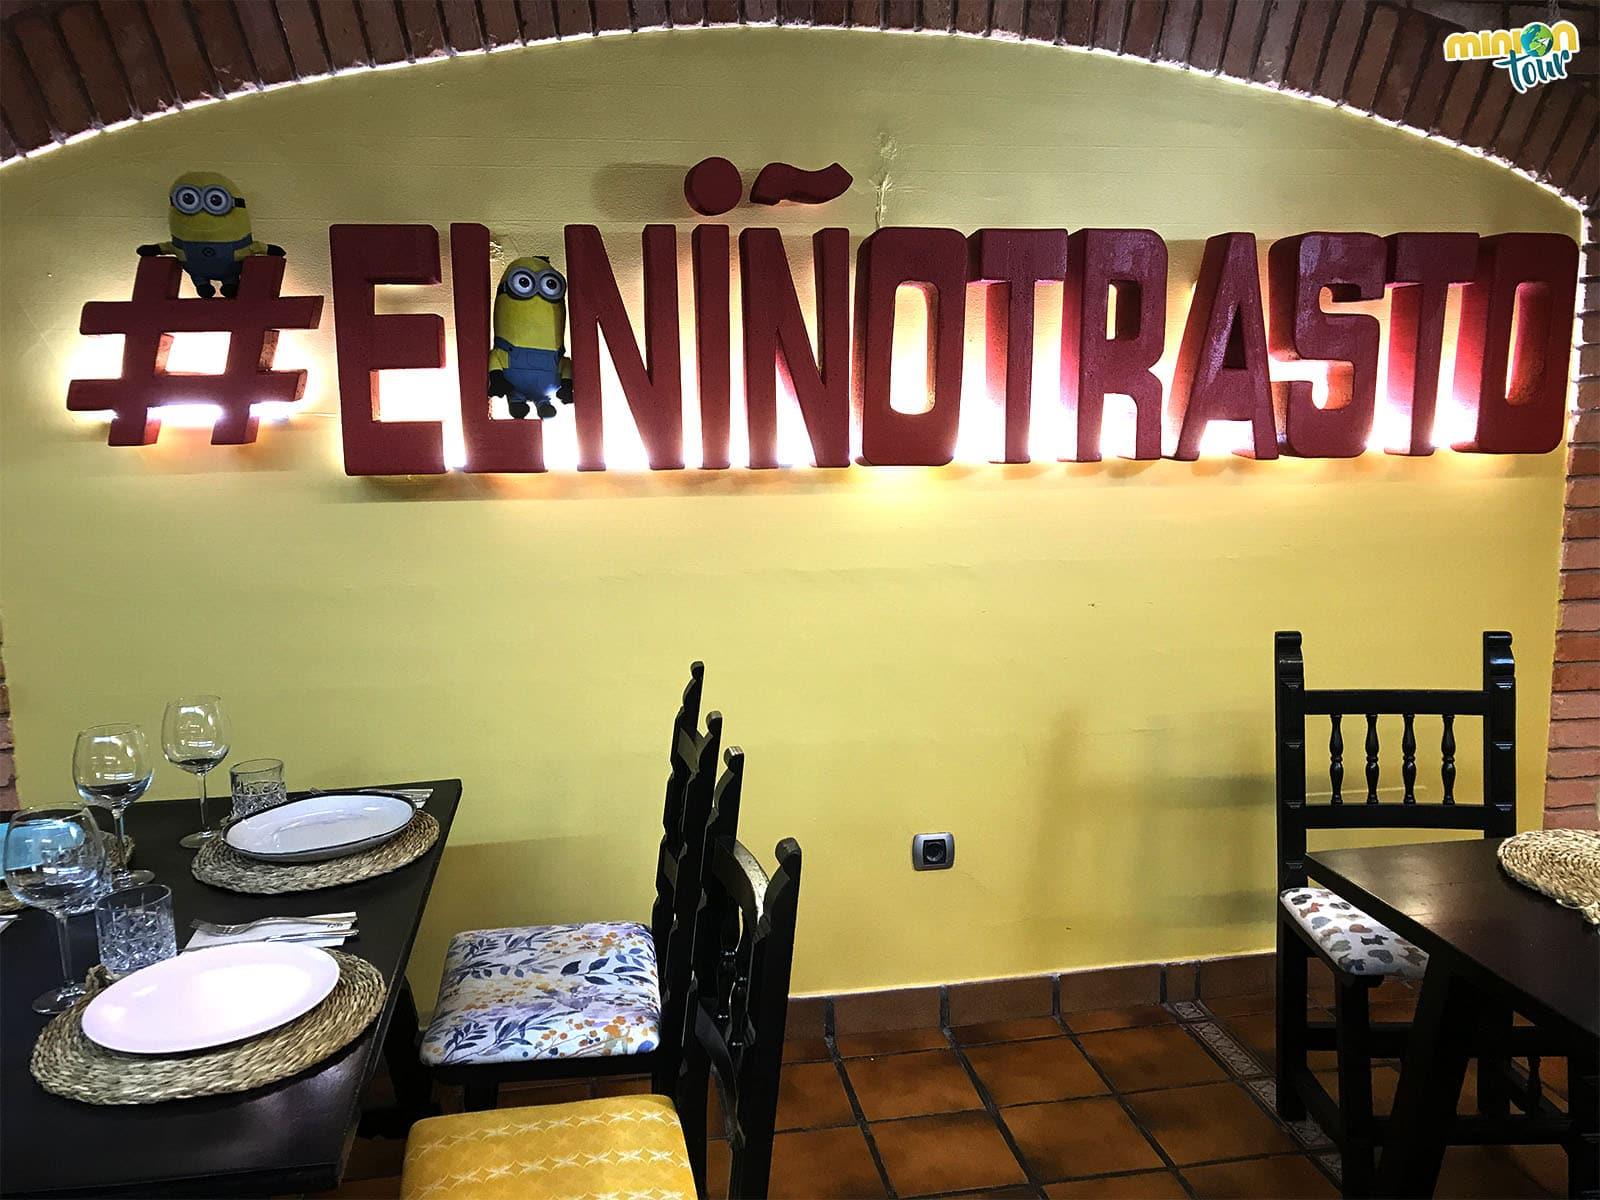 En el #ElNiñoTrasto